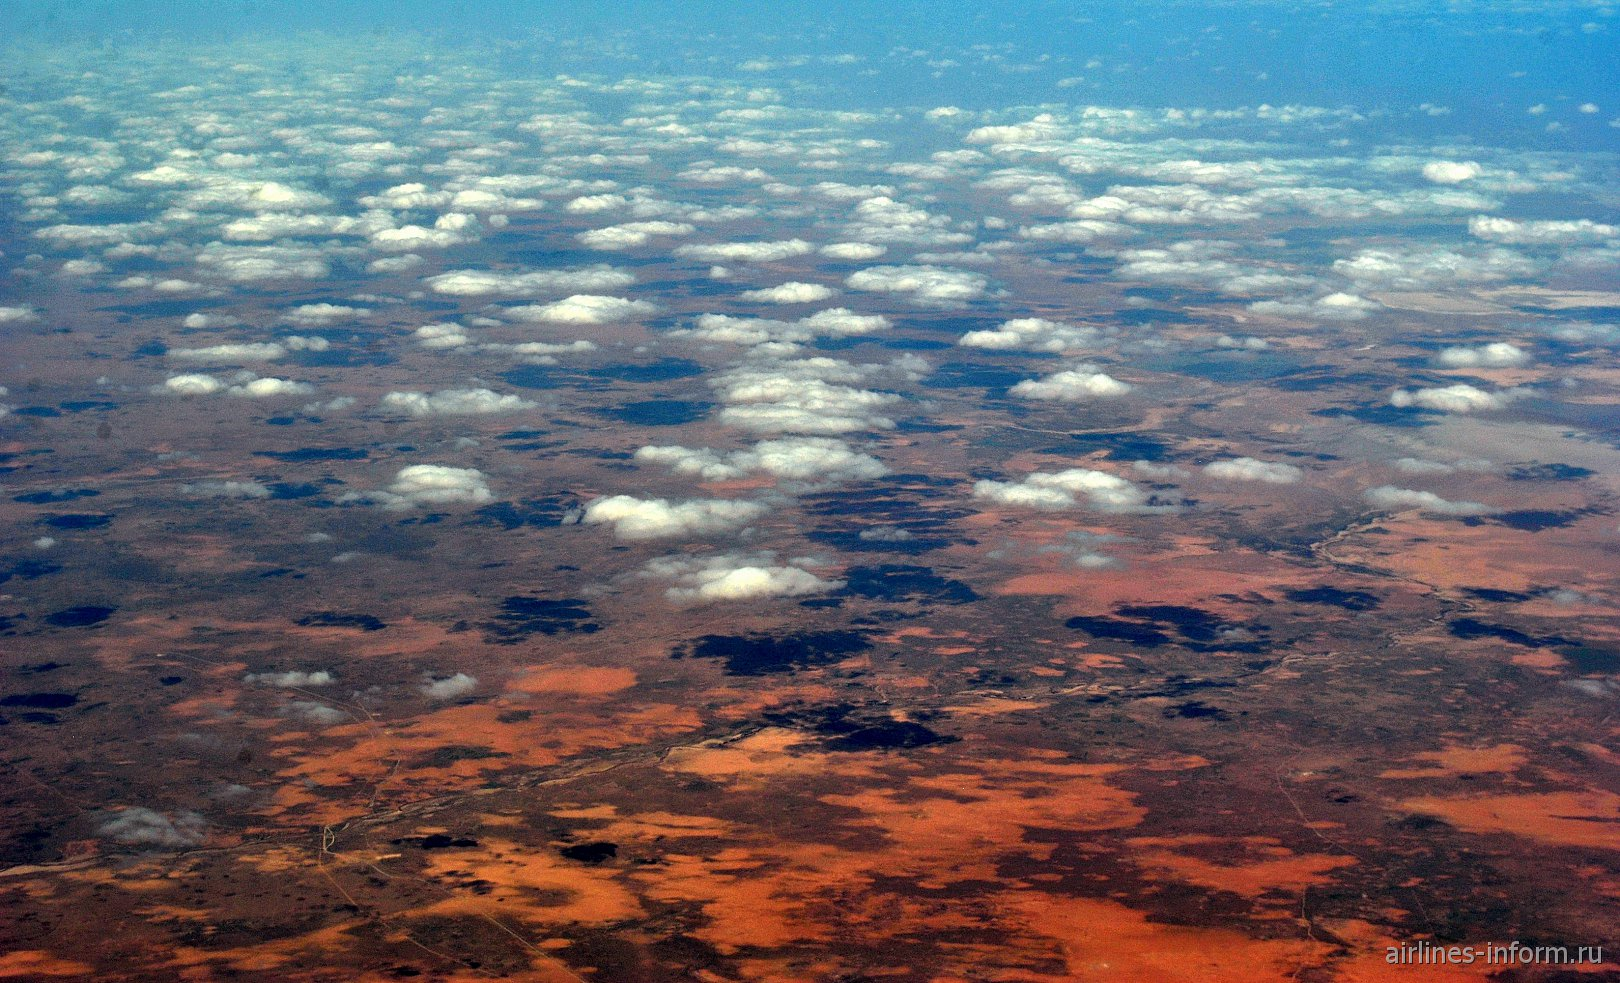 В полете над Алжиром